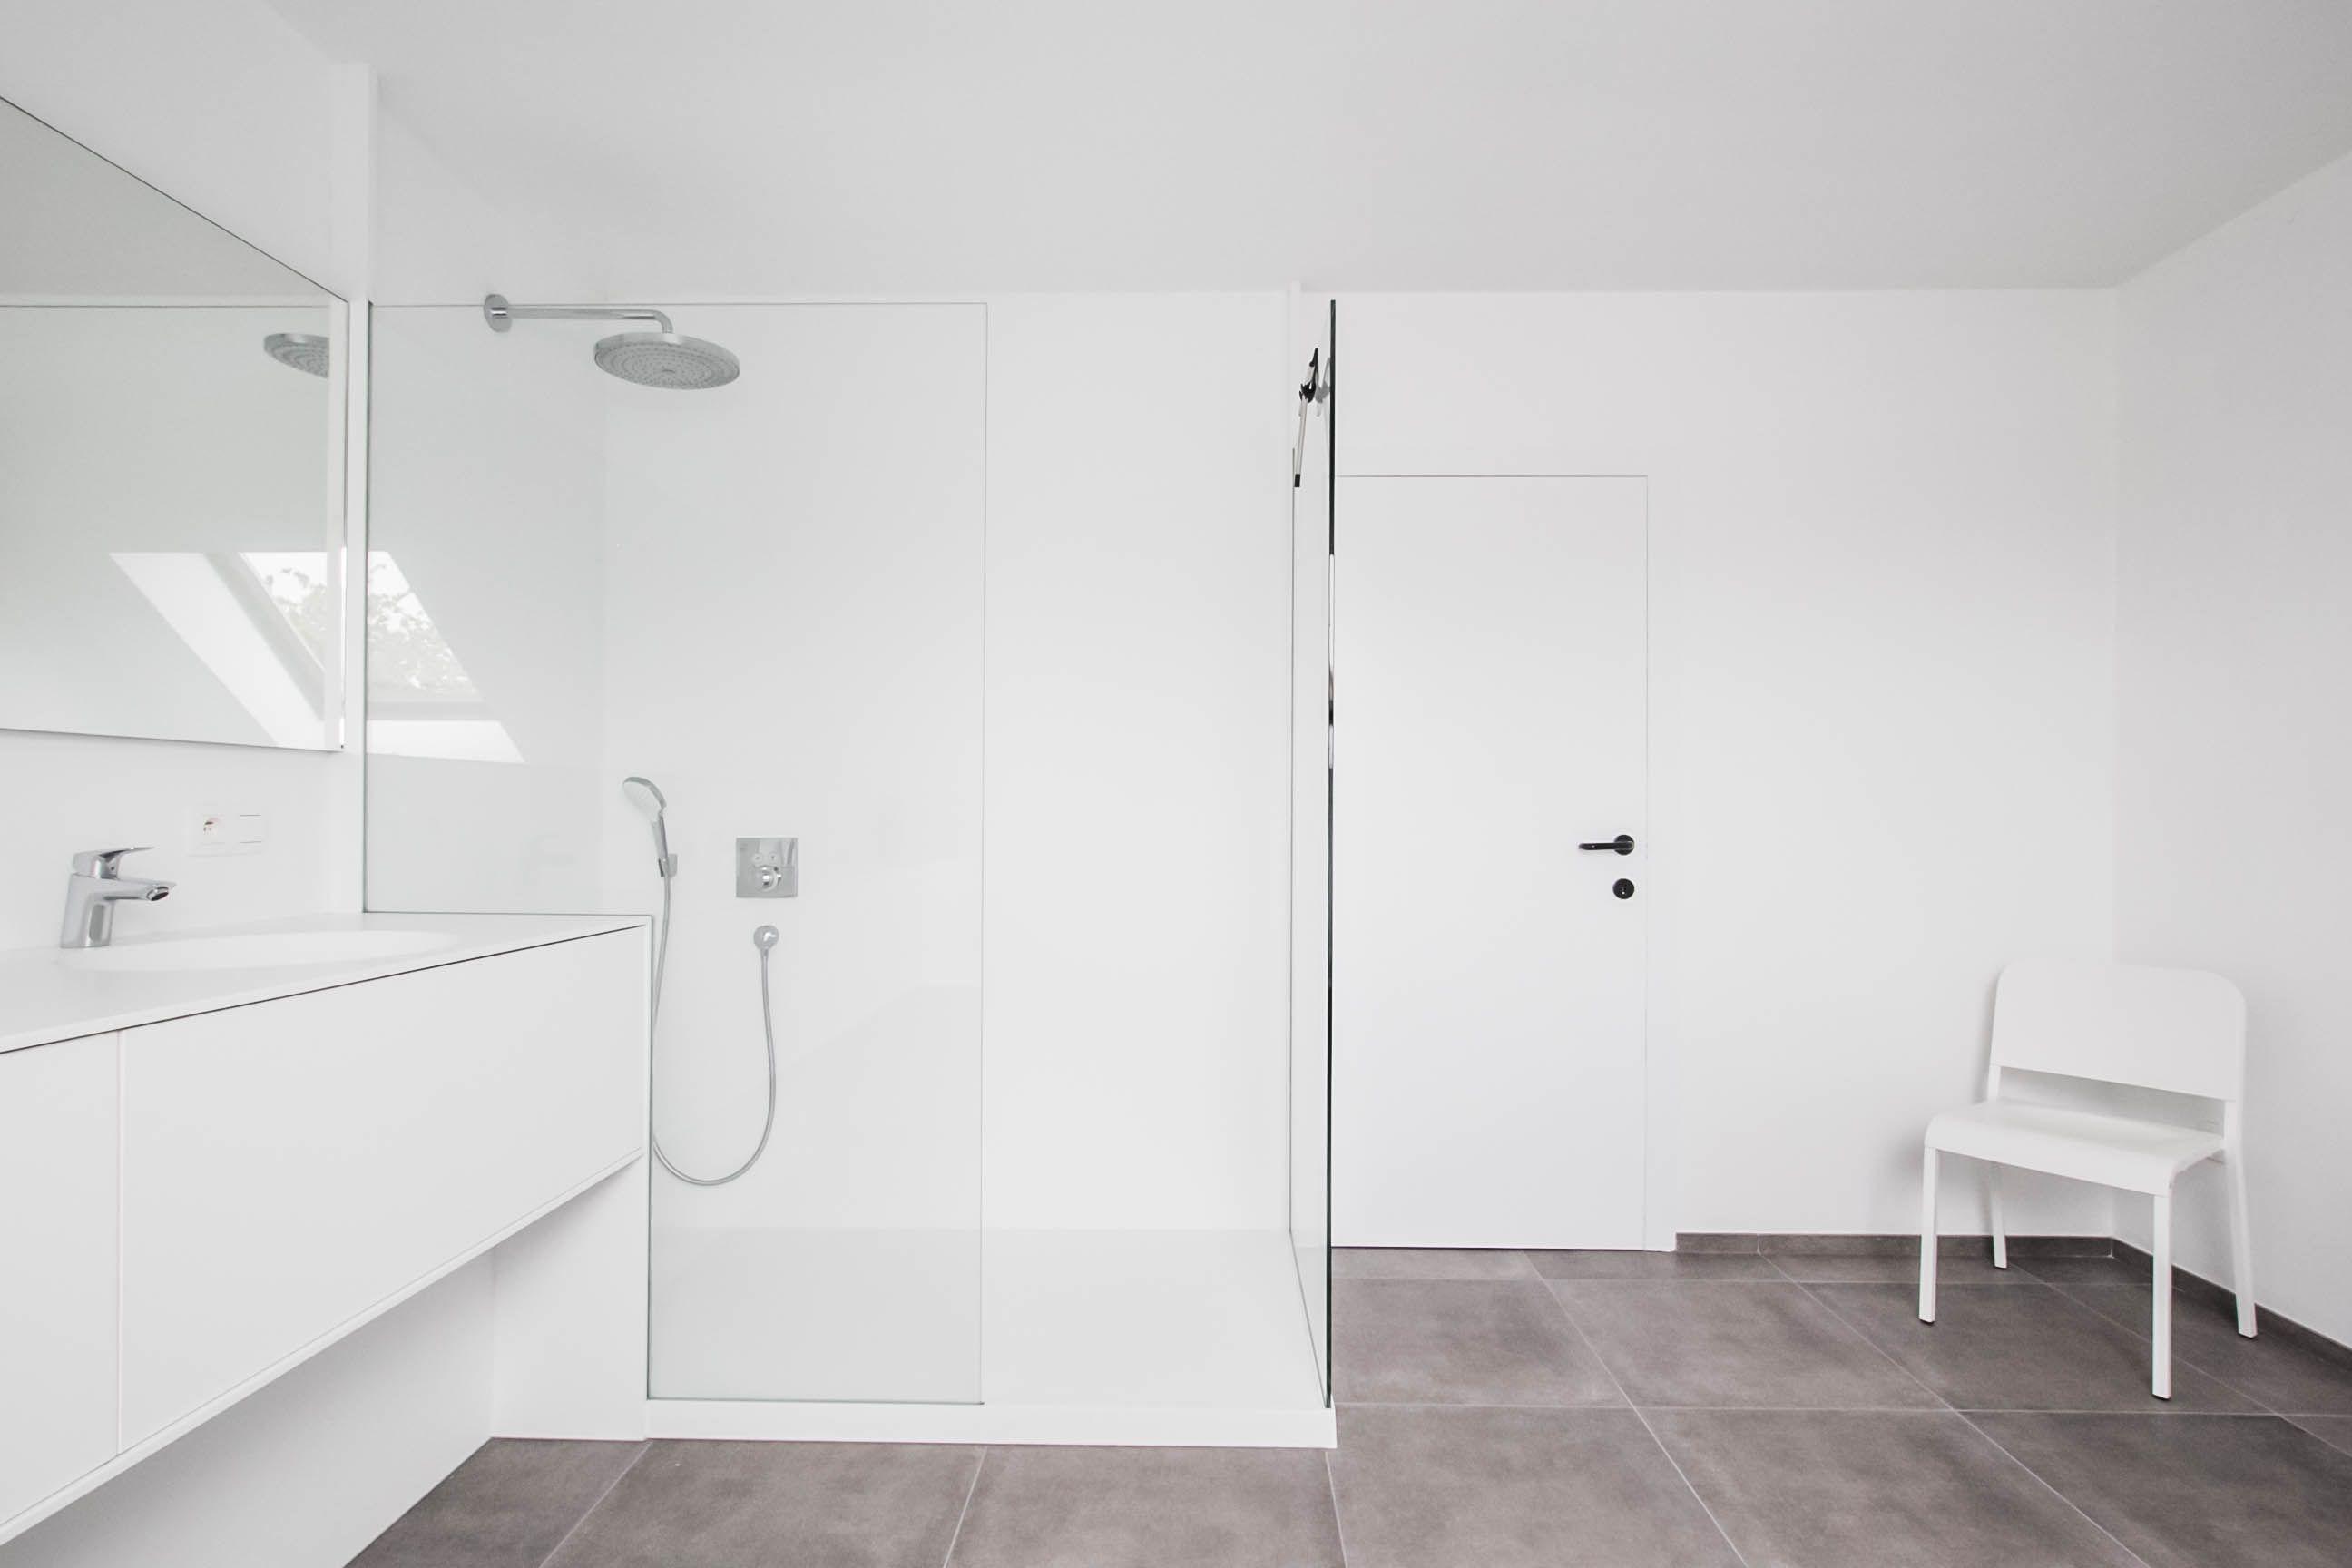 Badkamerinspiratie. moderne badkamer met inloopdouche. ruime